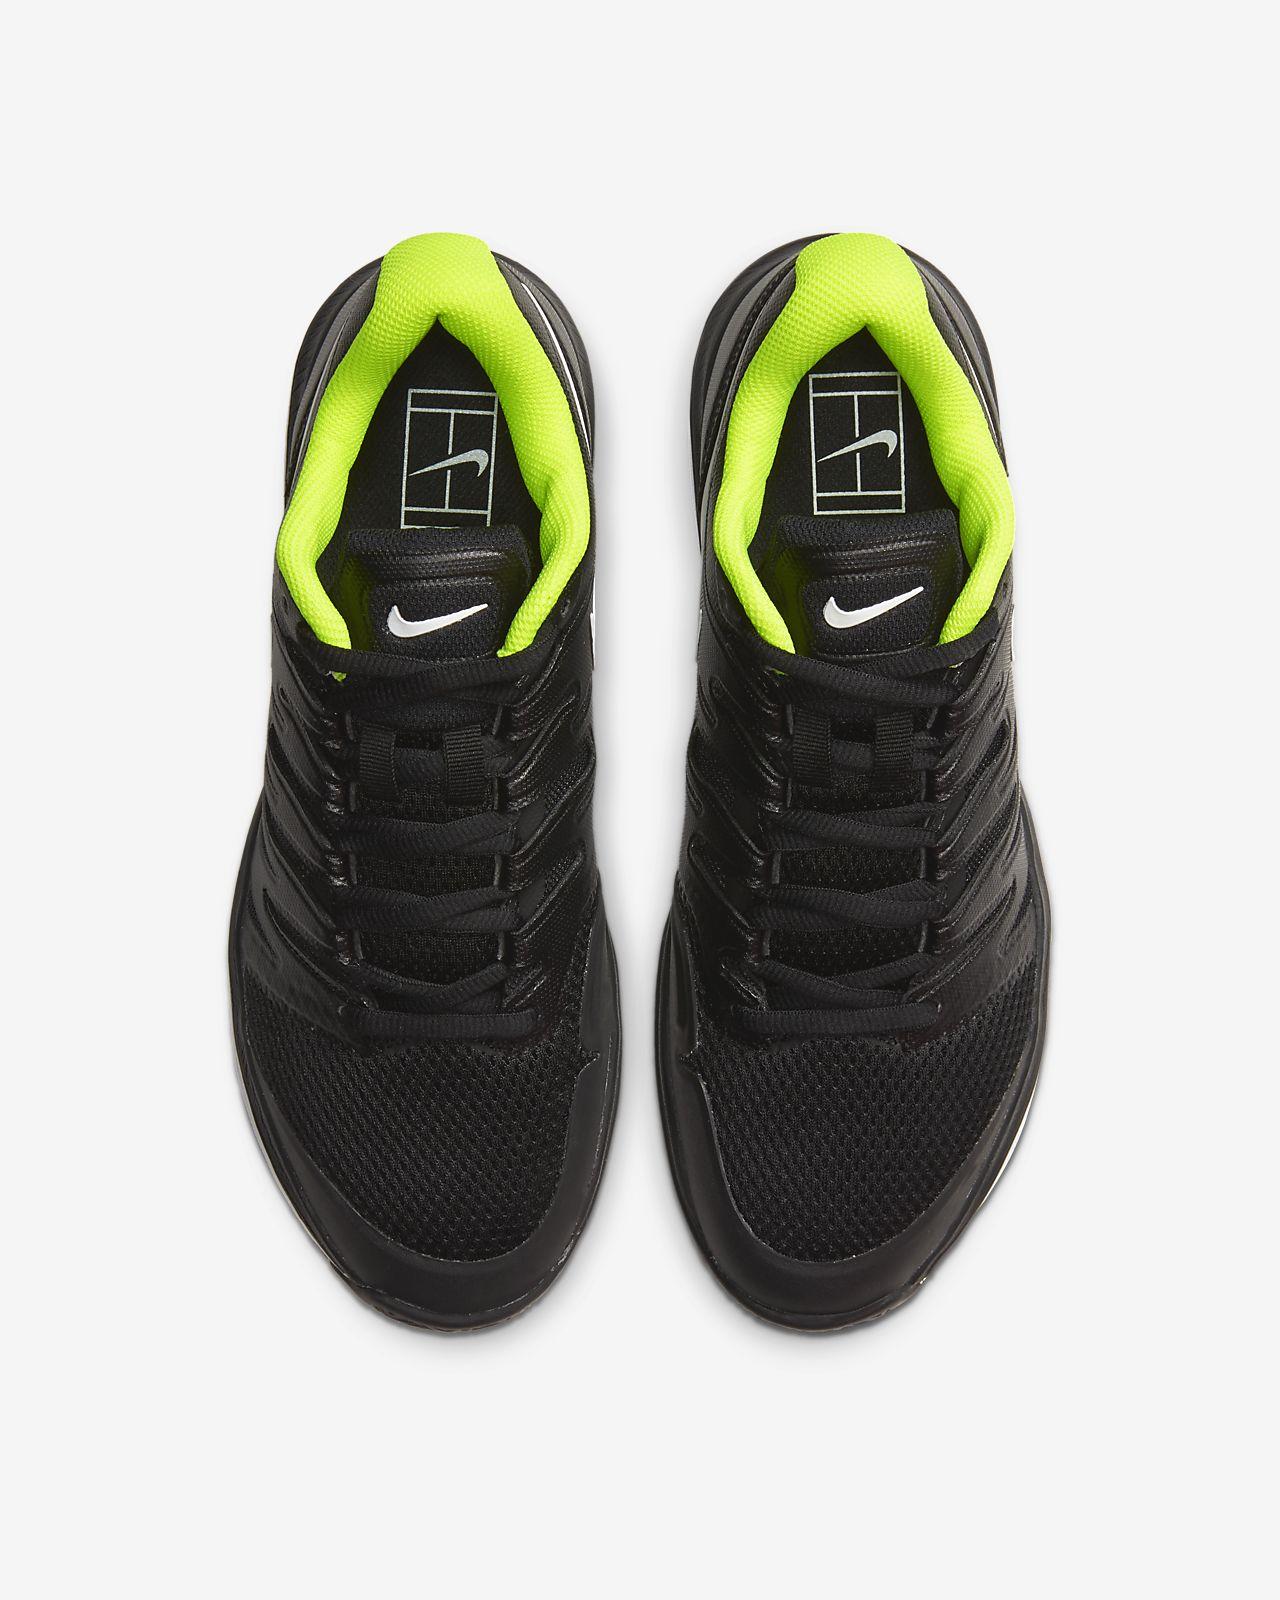 NikeCourt Air Zoom Prestige tennissko til mænd